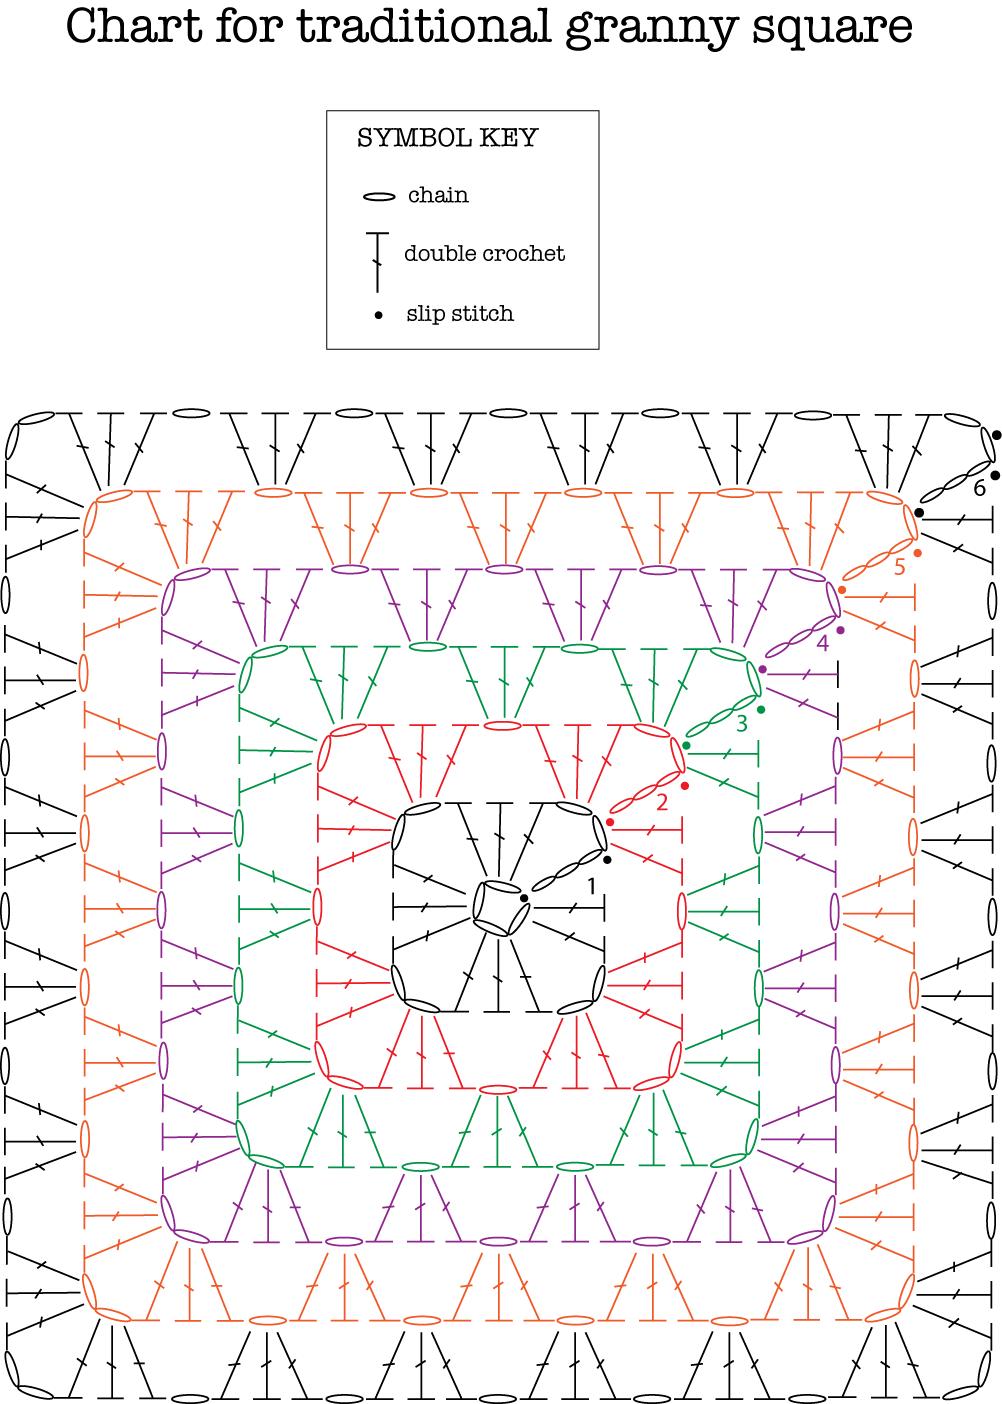 giappone coperta uncinetto - Cerca con Google | Knitting | Pinterest ...